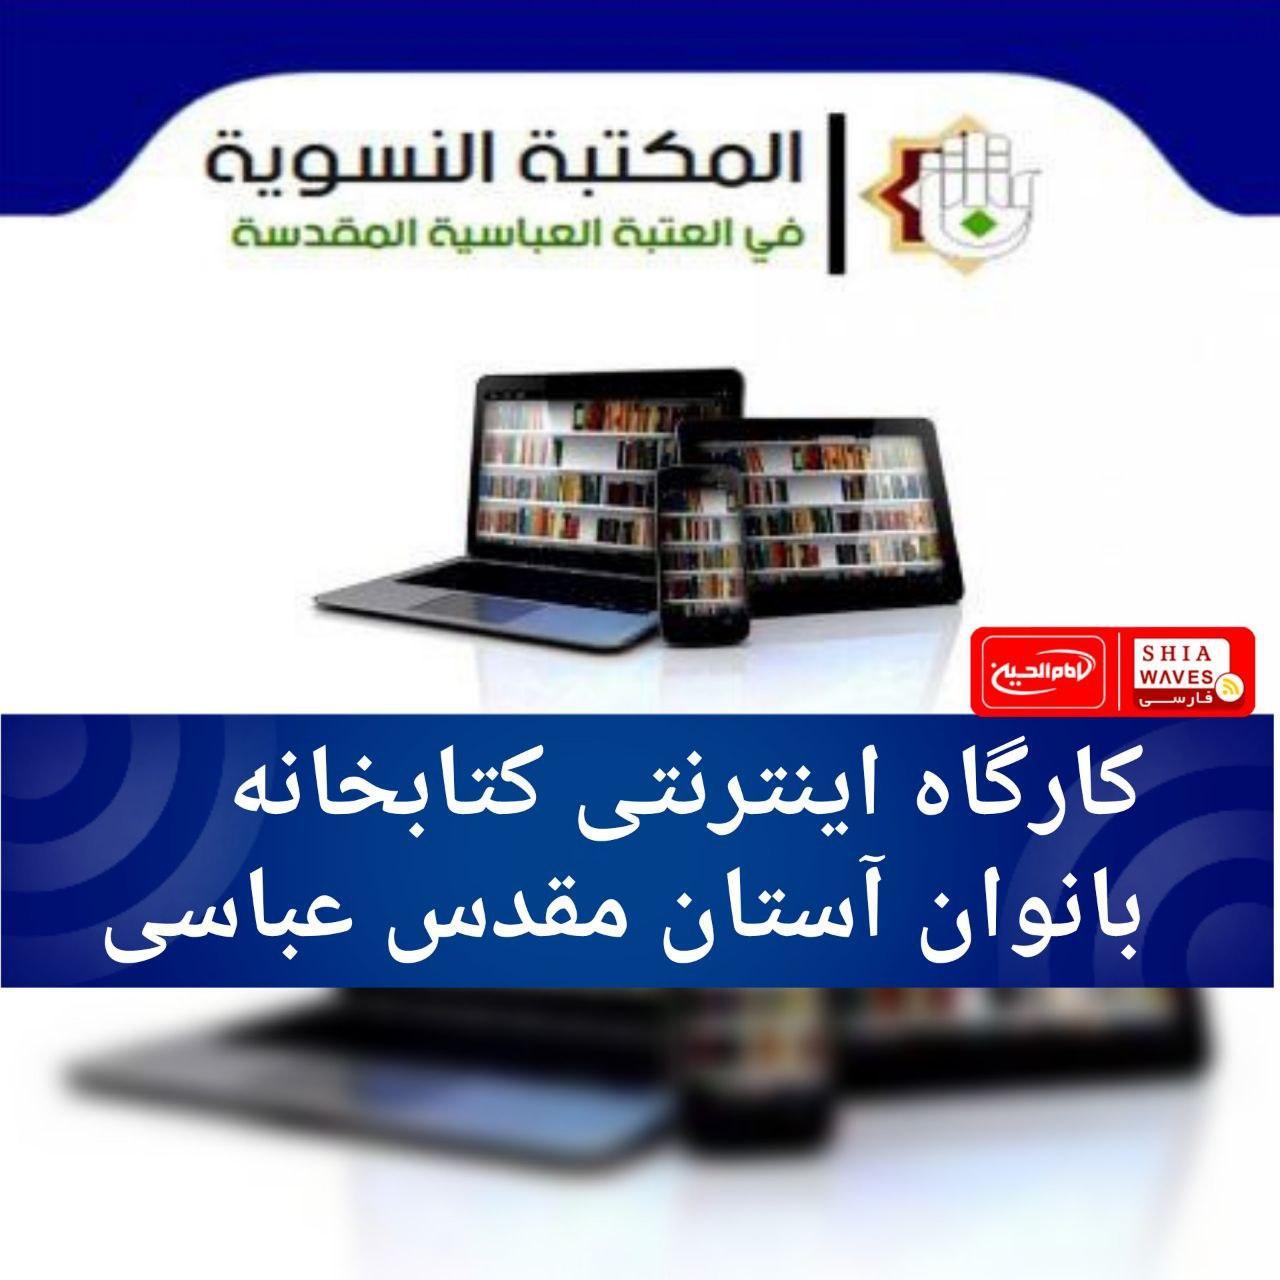 تصویر کارگاه اینترنتی کتابخانه بانوان آستان مقدس عباسی